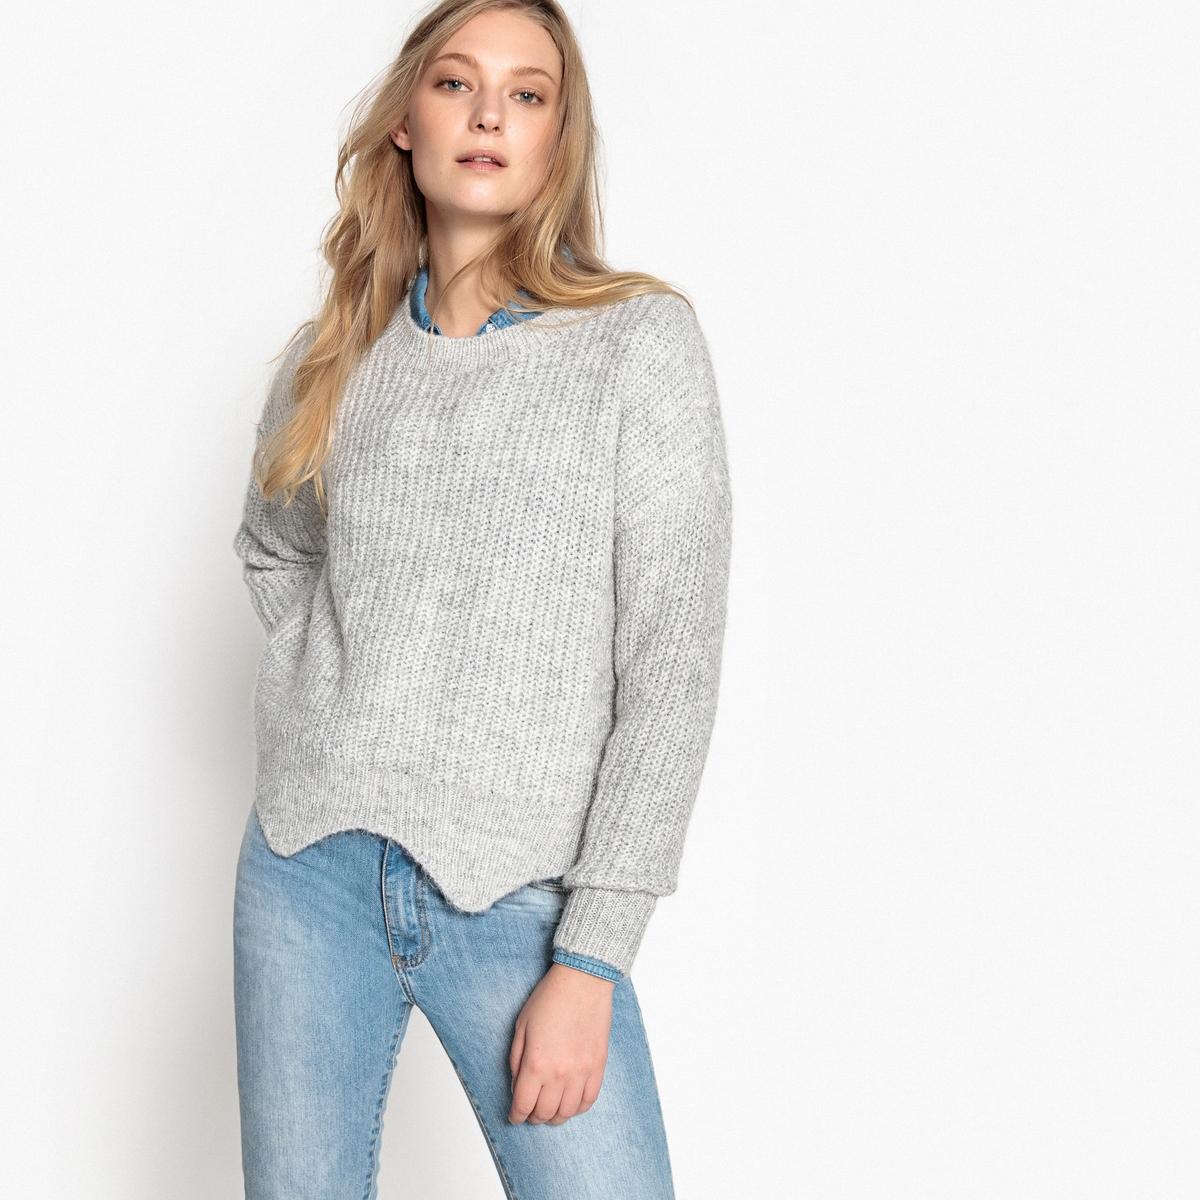 где купить Пуловер с круглым вырезом из тонкого трикотажа по лучшей цене